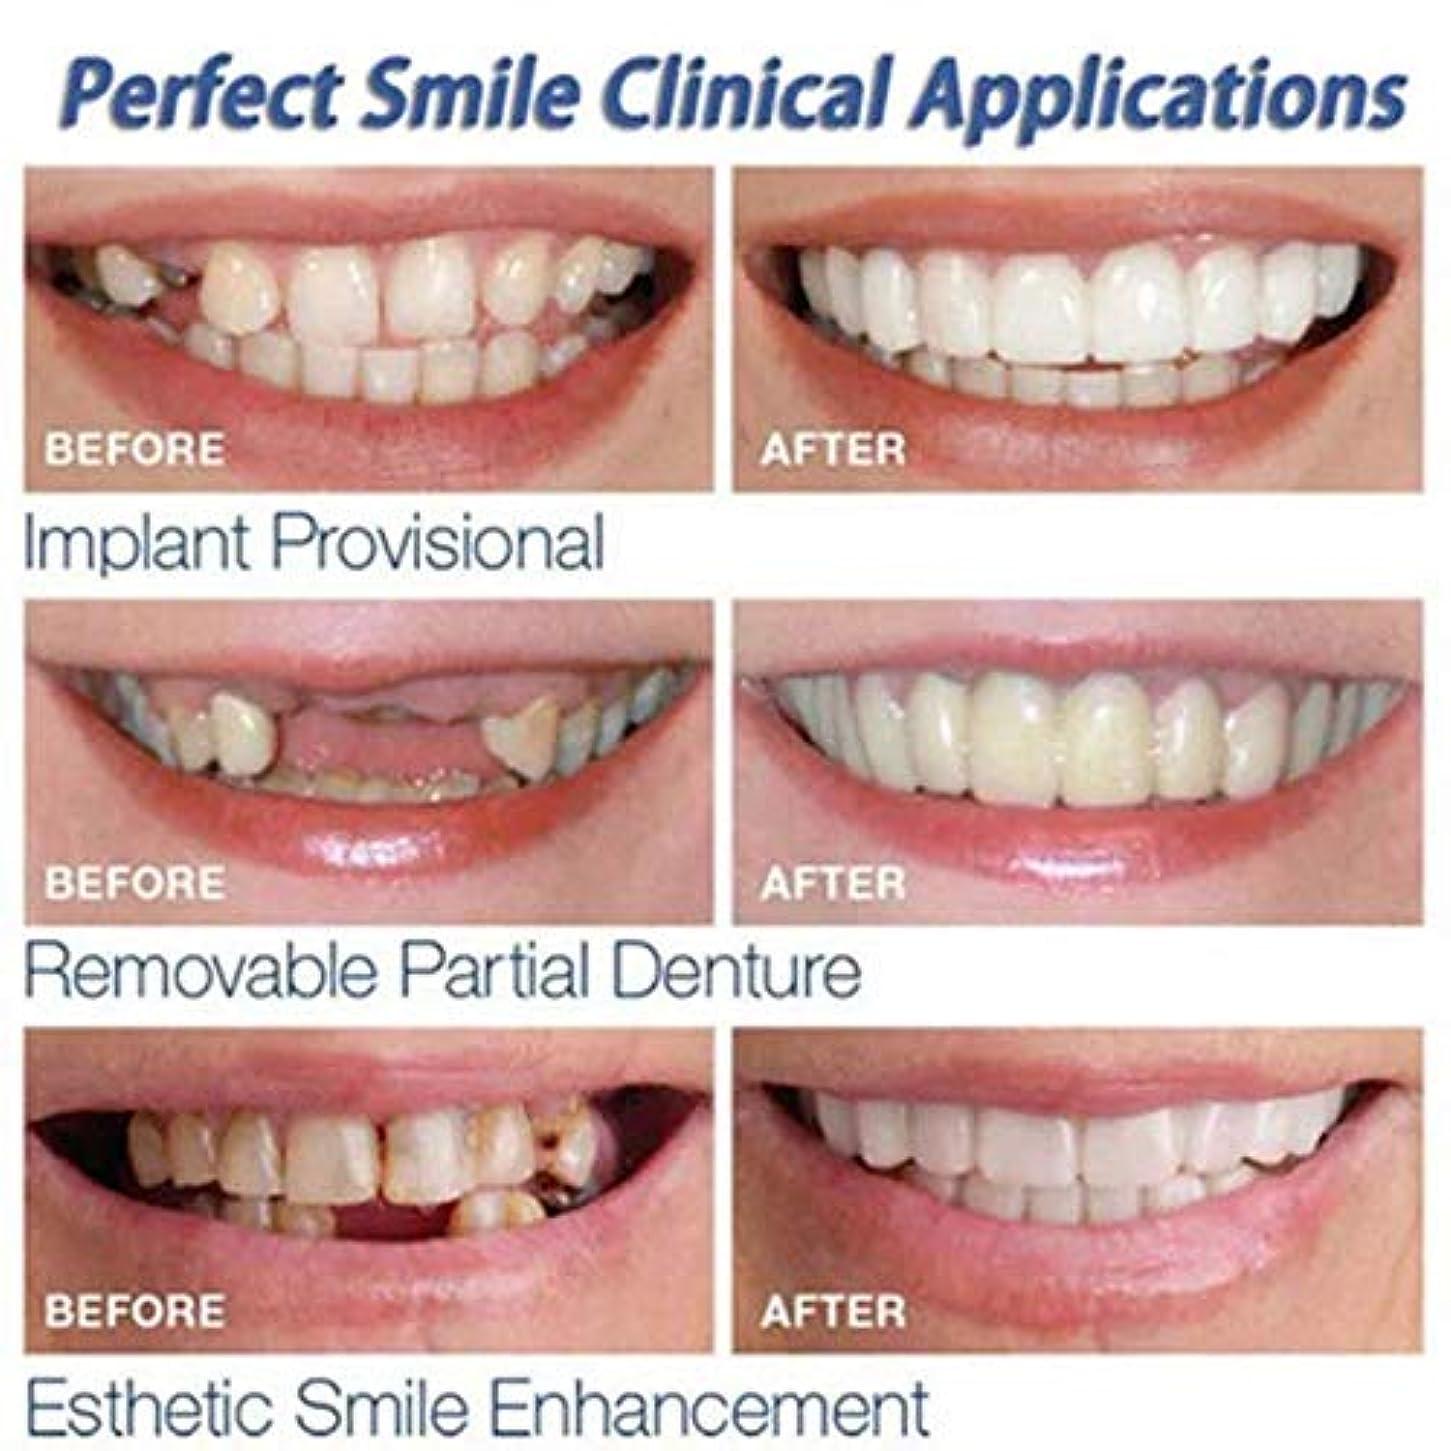 値ソース保証金3PCS上下歯シミュレーションブレース、第2世代シリコーン模擬歯、(プラスチックボックス、OPPバッグ付き),Opppackaging